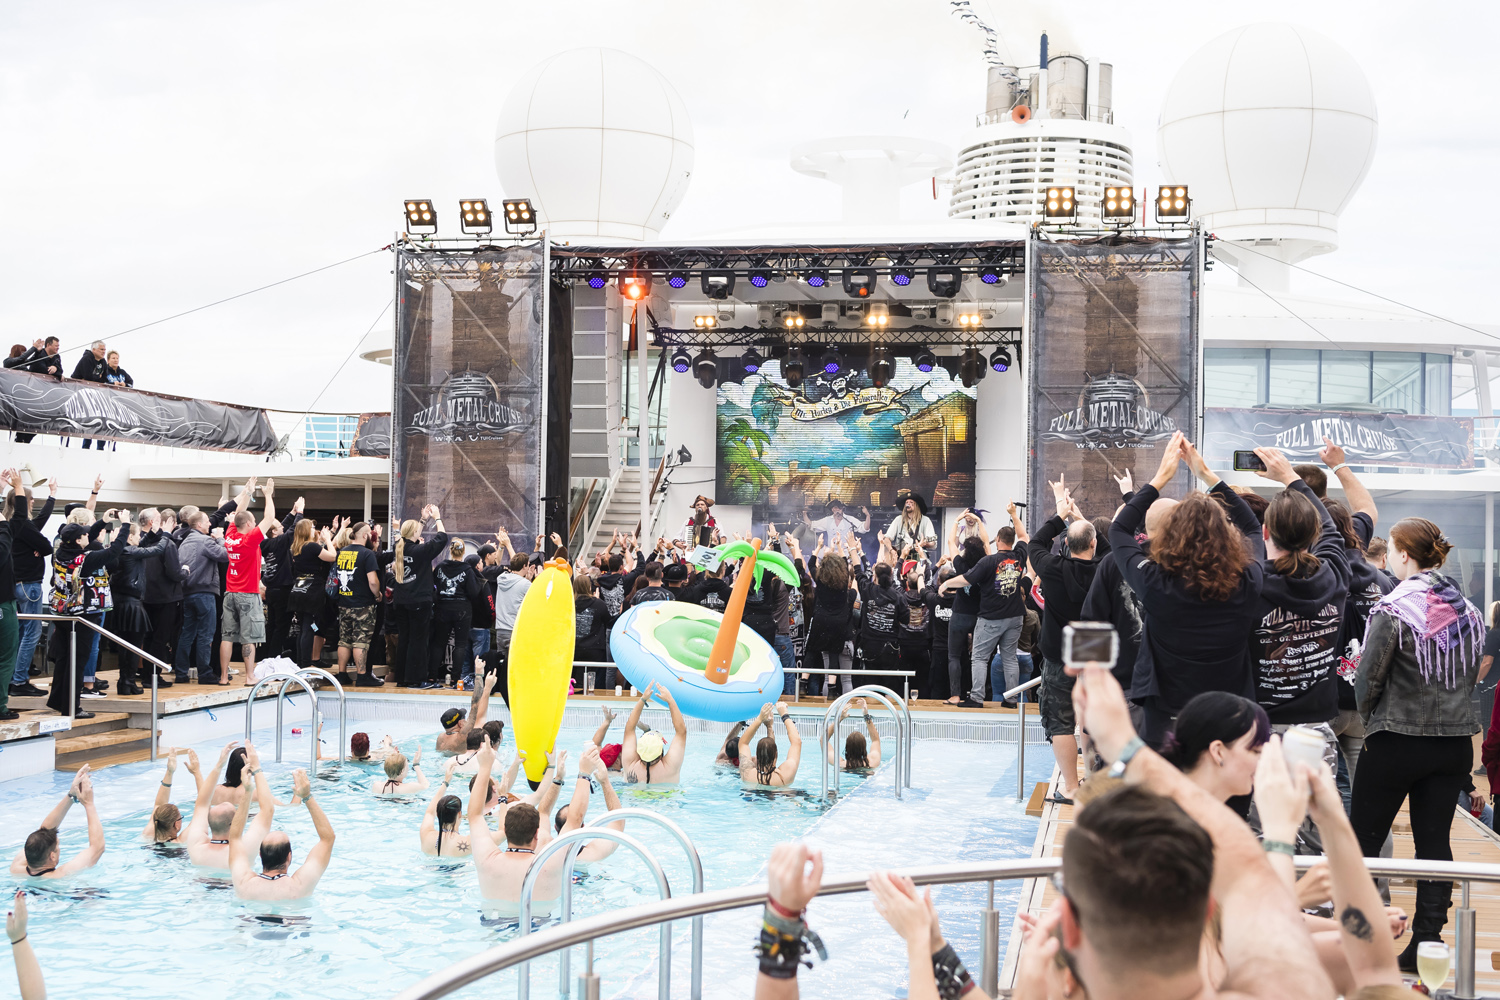 Metal Party auf dem Pooldeck der Mein Schiff 3 bei der Full Metal Cruise